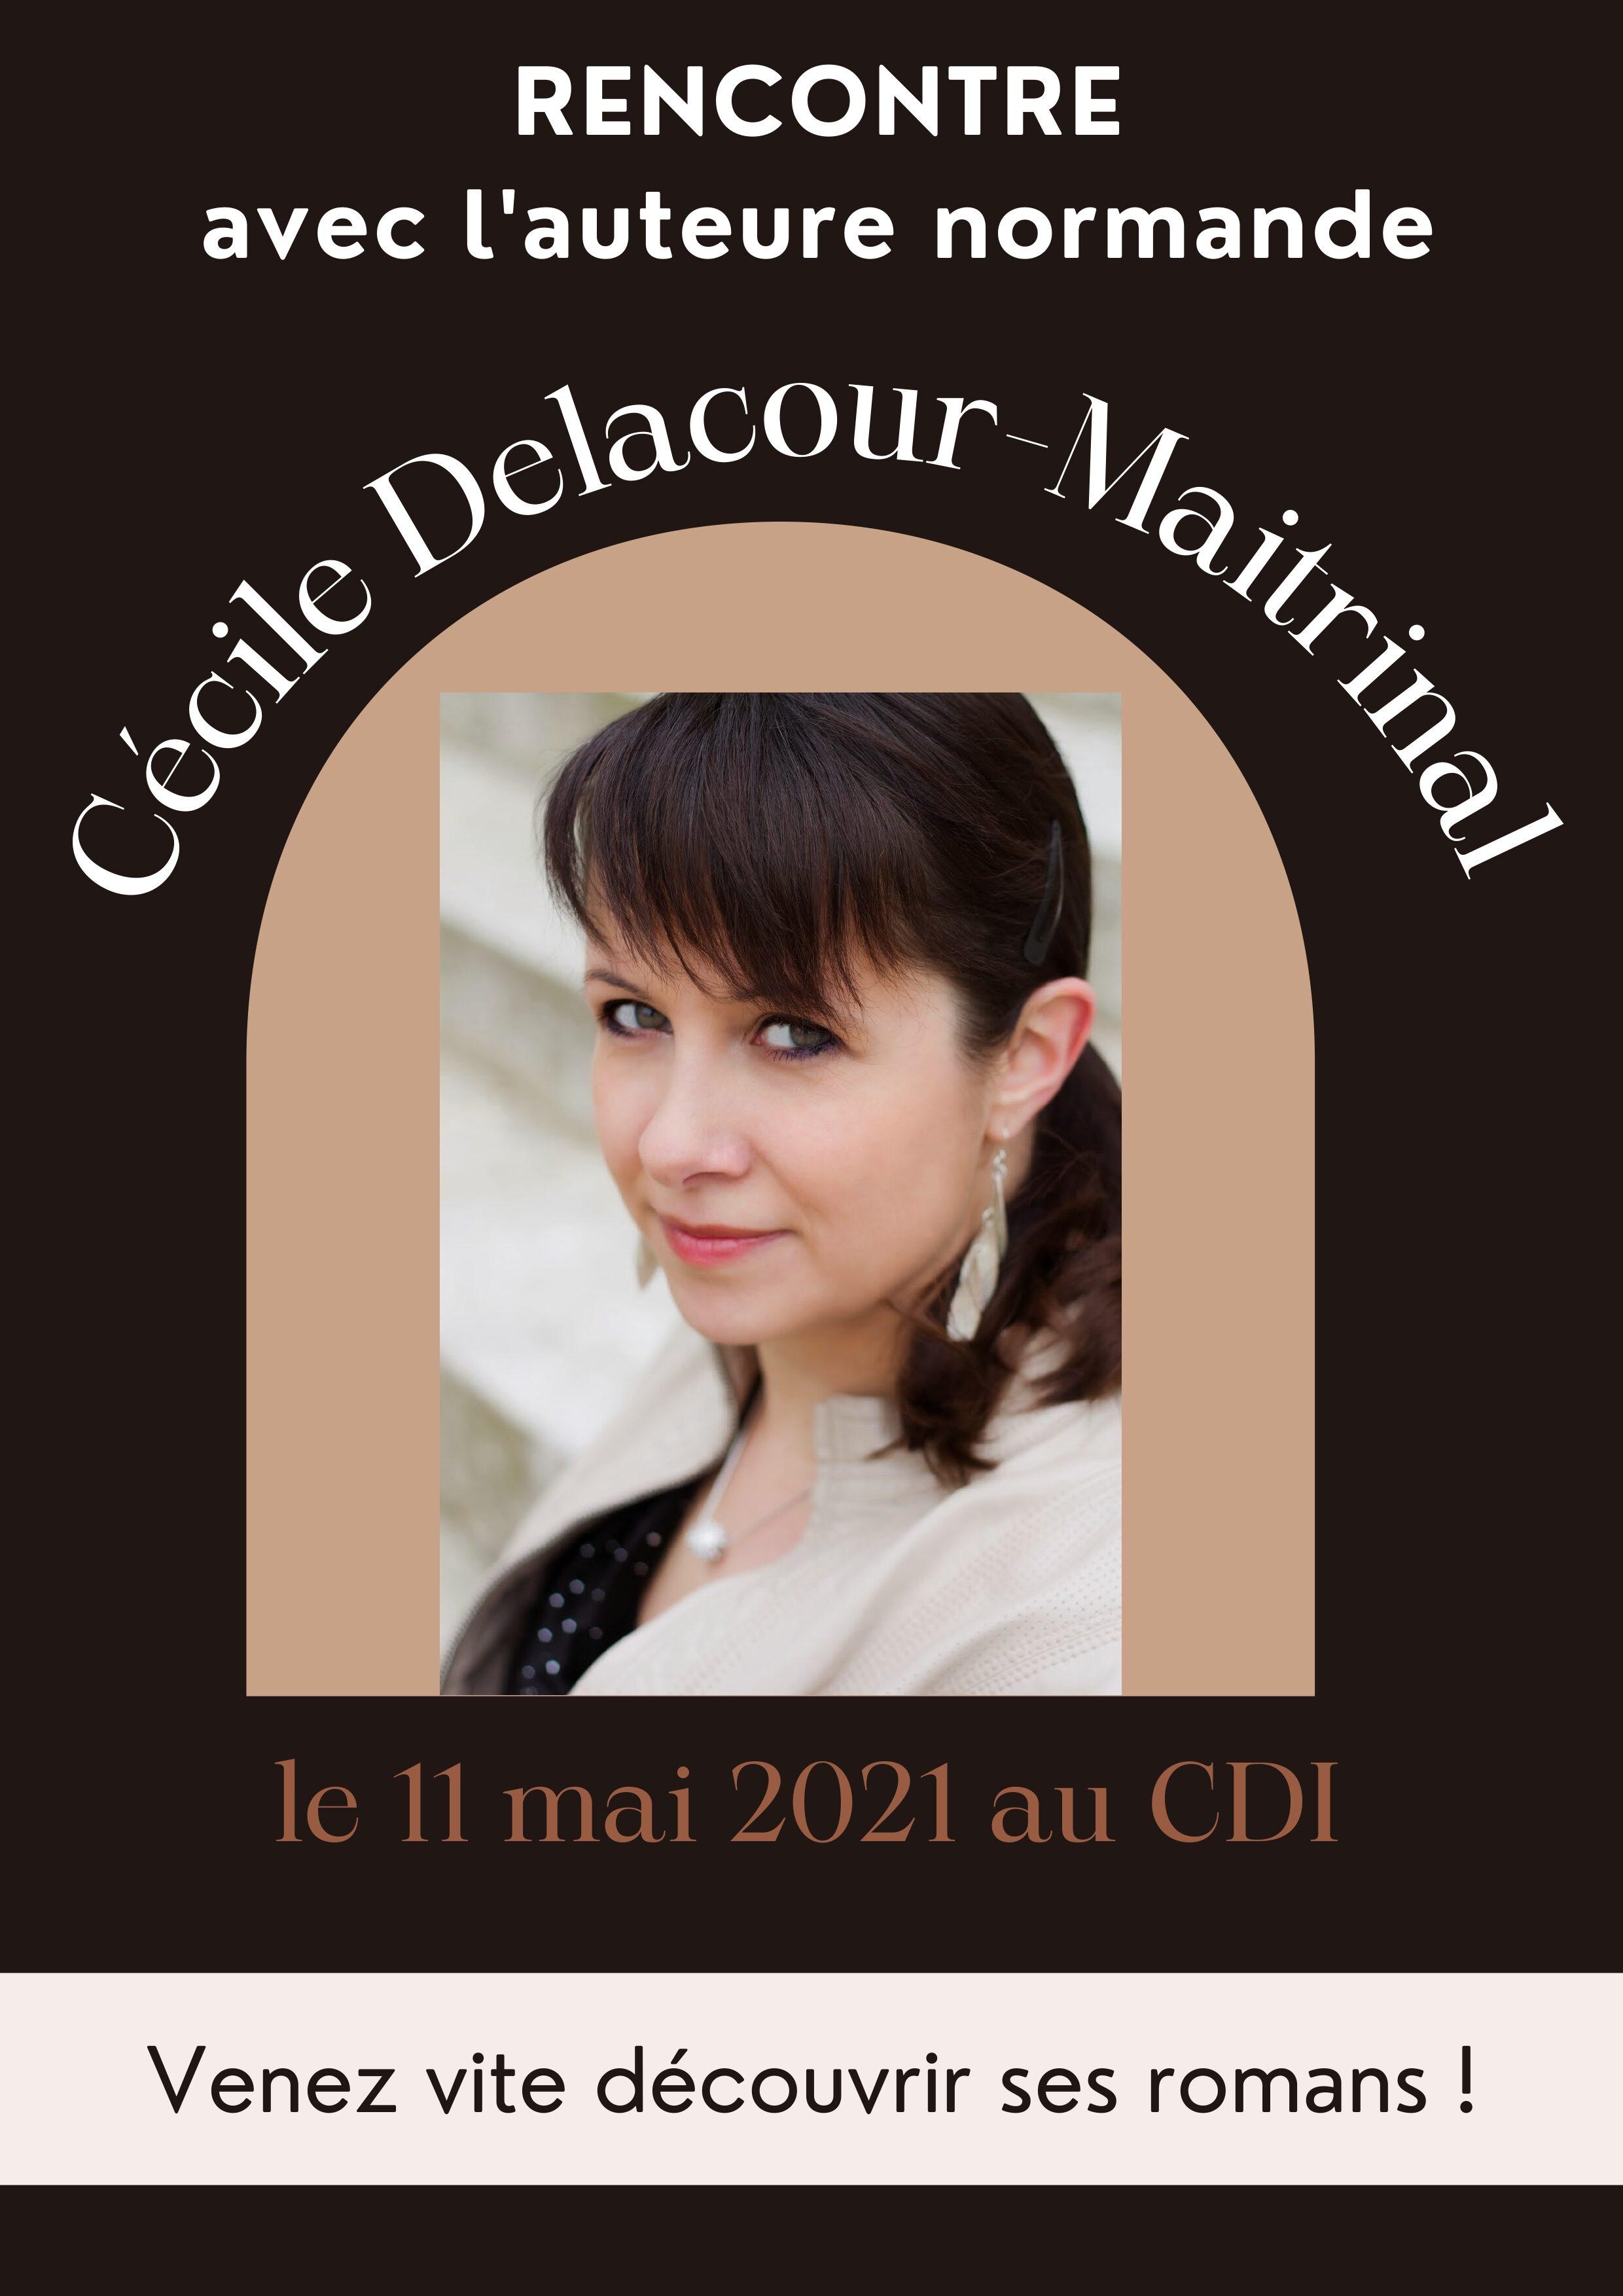 Cécile Delacour-Maitrinal_page-0001.jpg